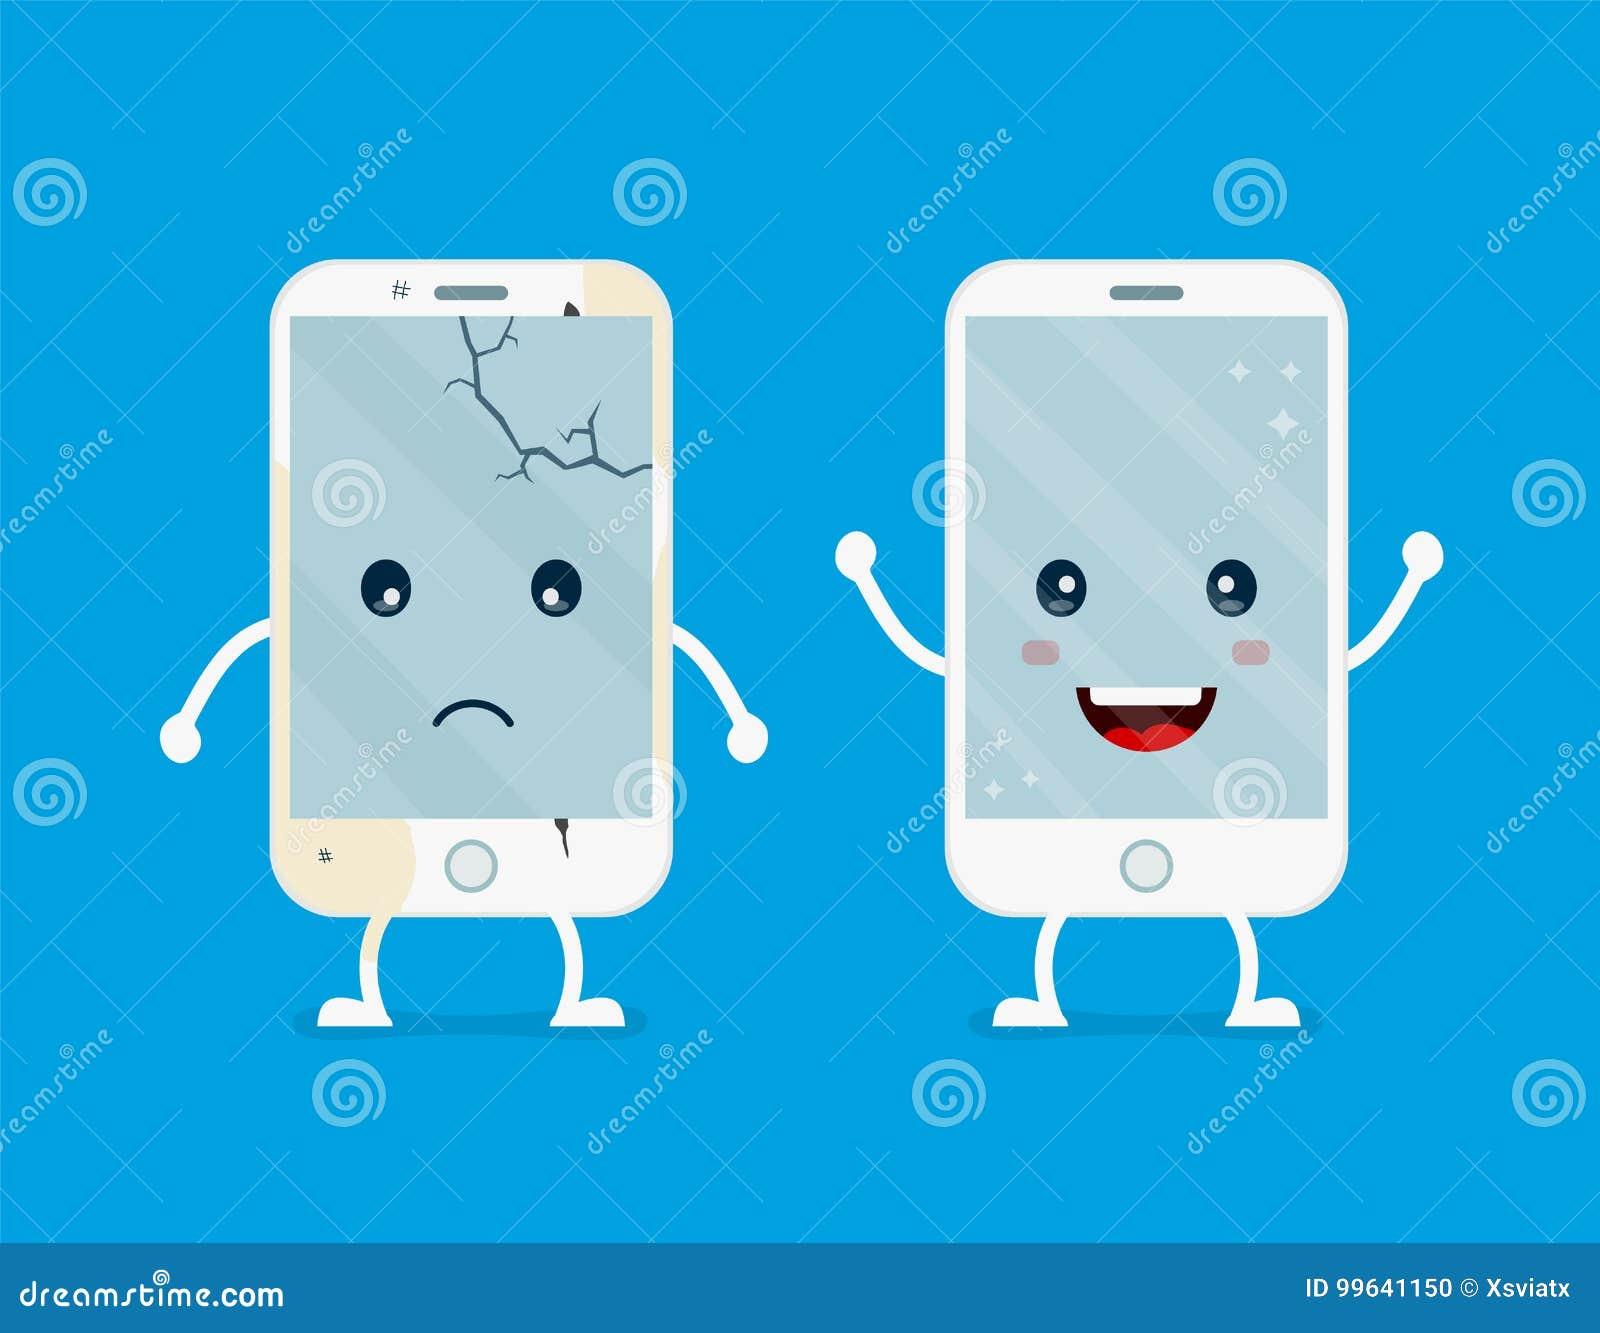 Stary smutny łamający telefon z pęknięciami i narysami